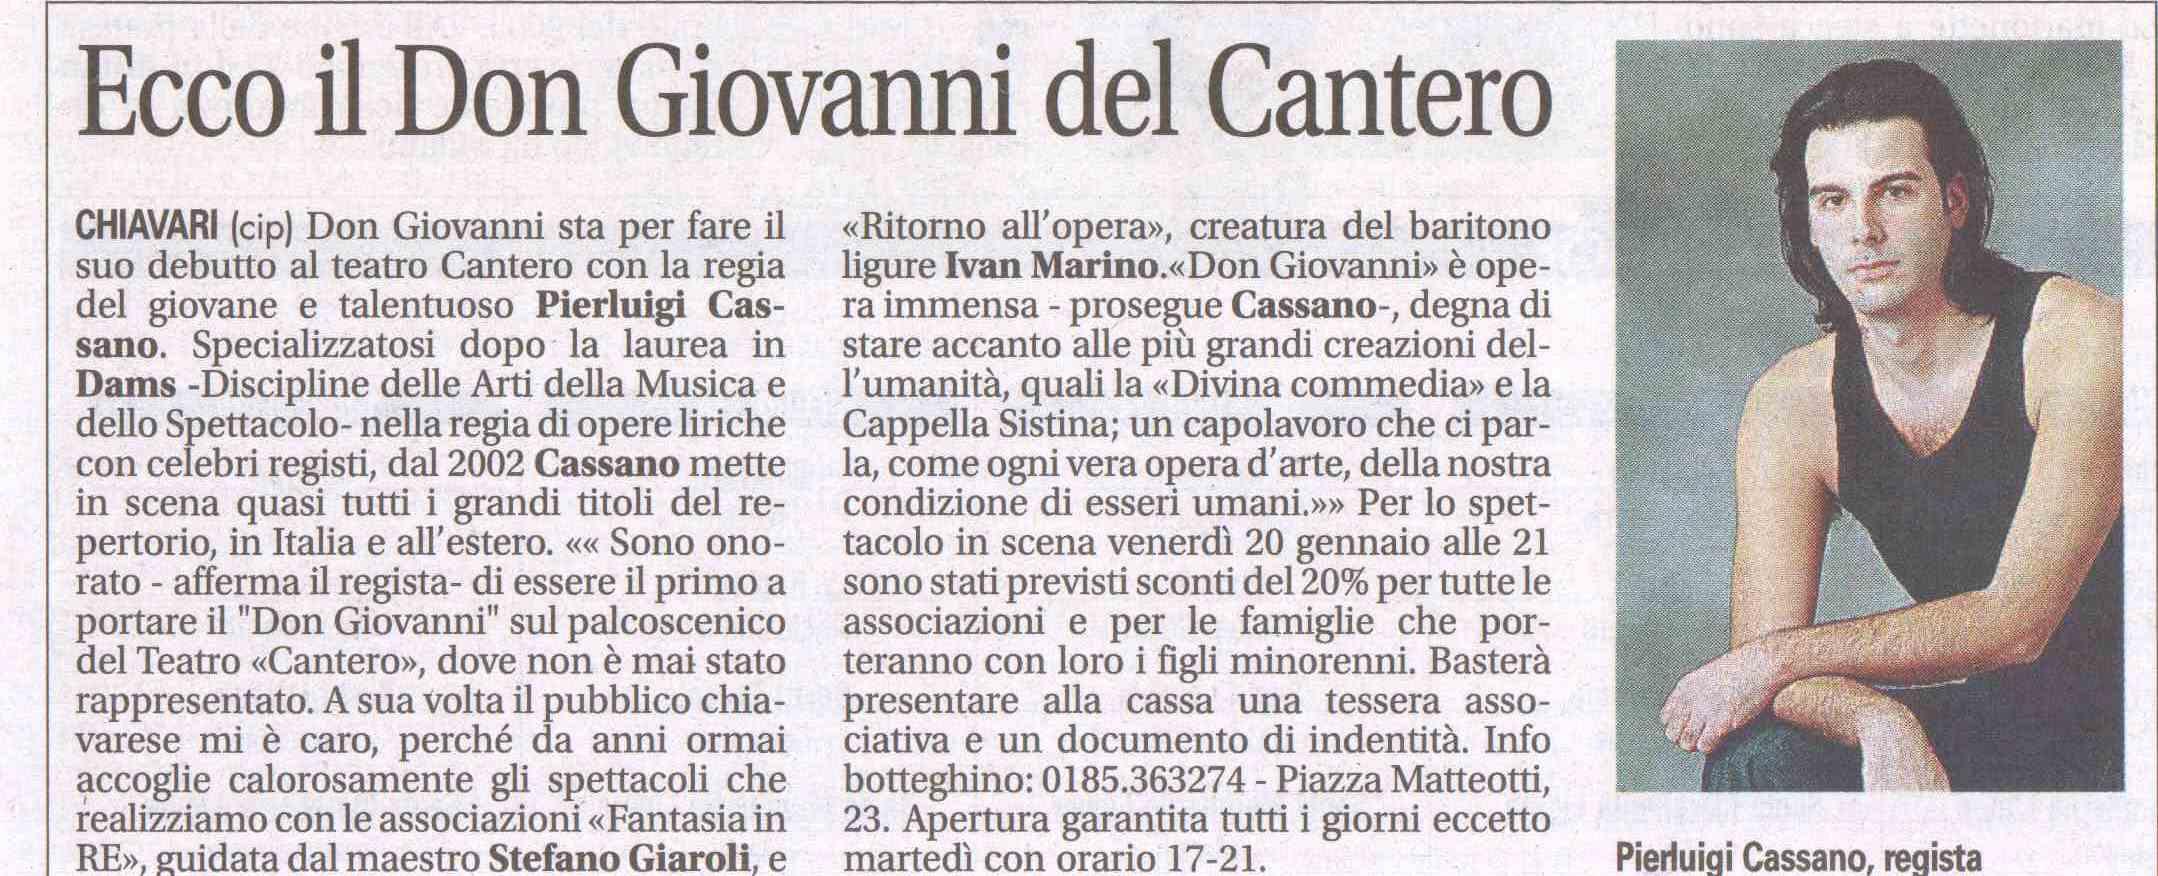 20.01.2012 – IL NUOVO LEVANTE – Don Giovanni